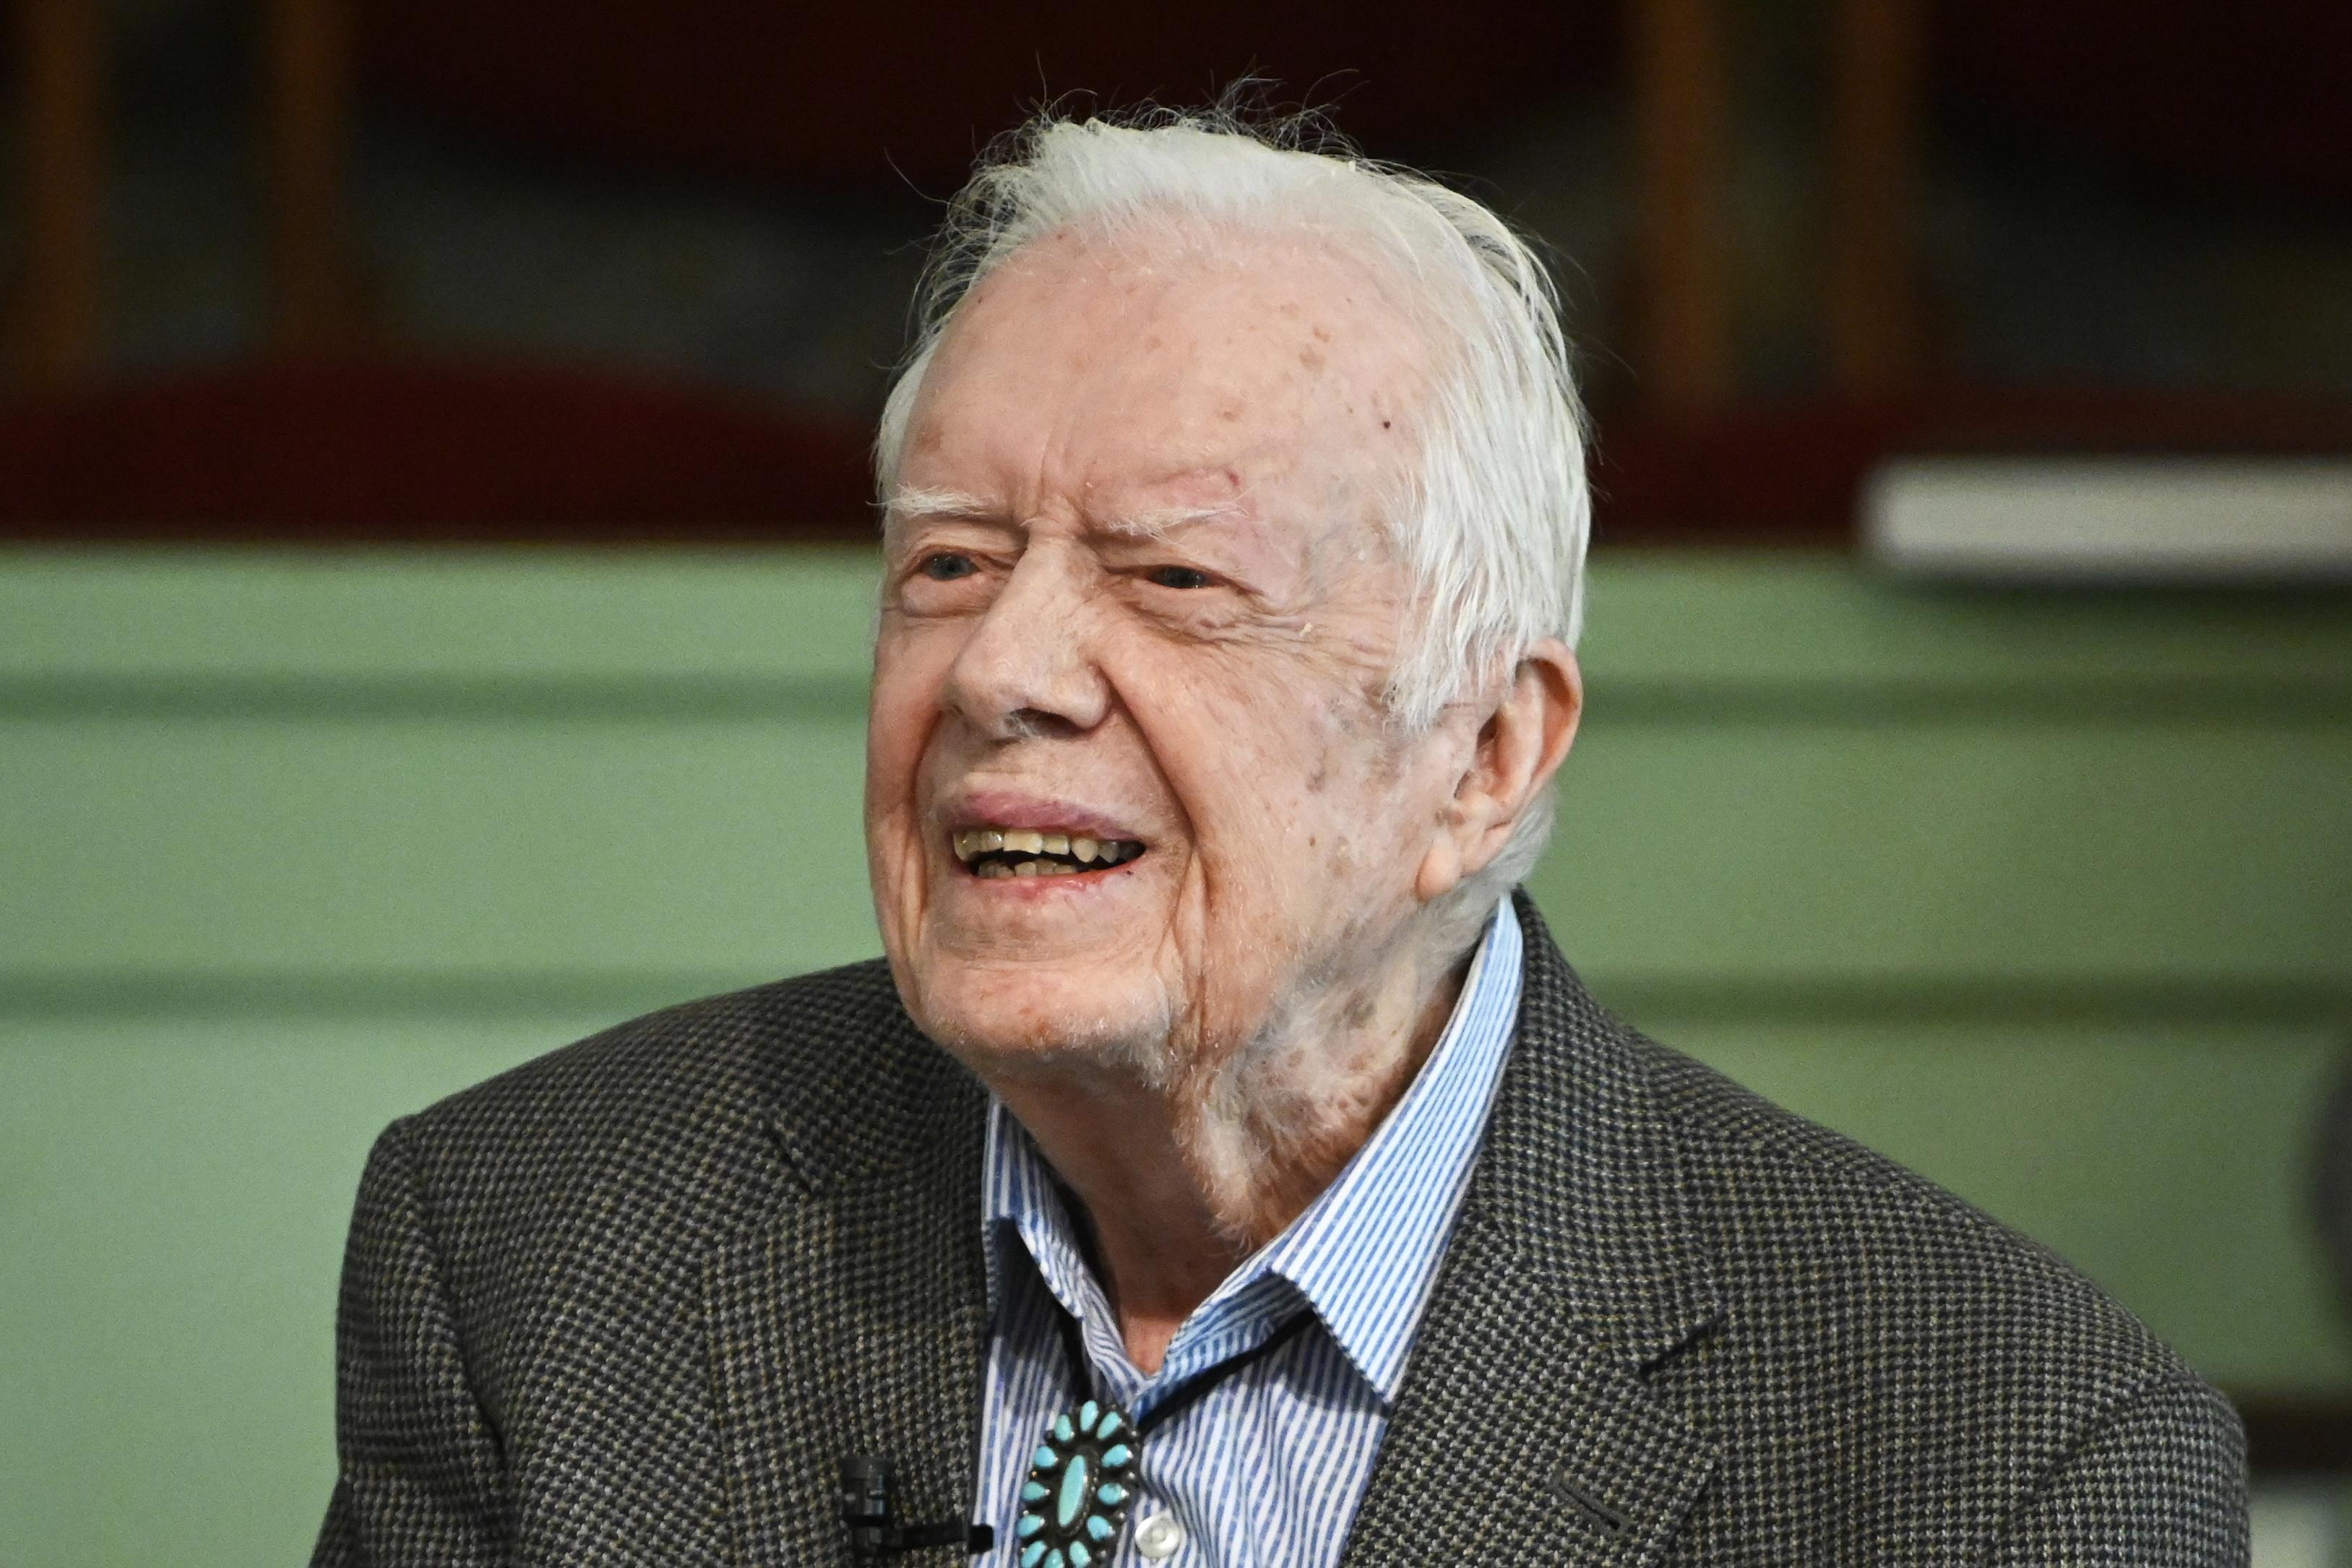 After brain surgery, Jimmy Carter returns to hometown church